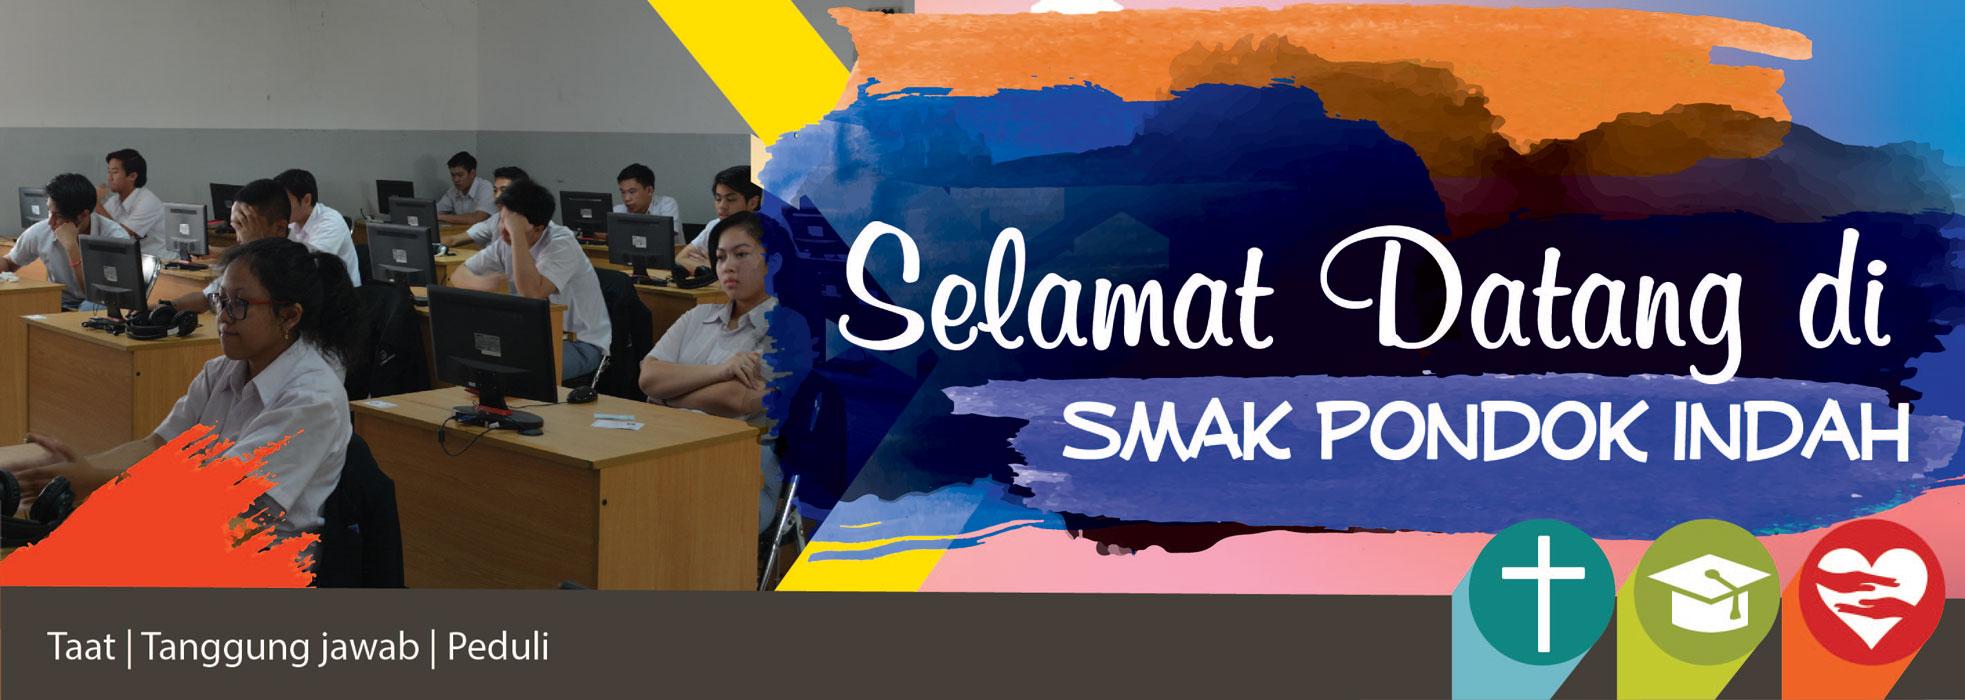 banner-header-SMA